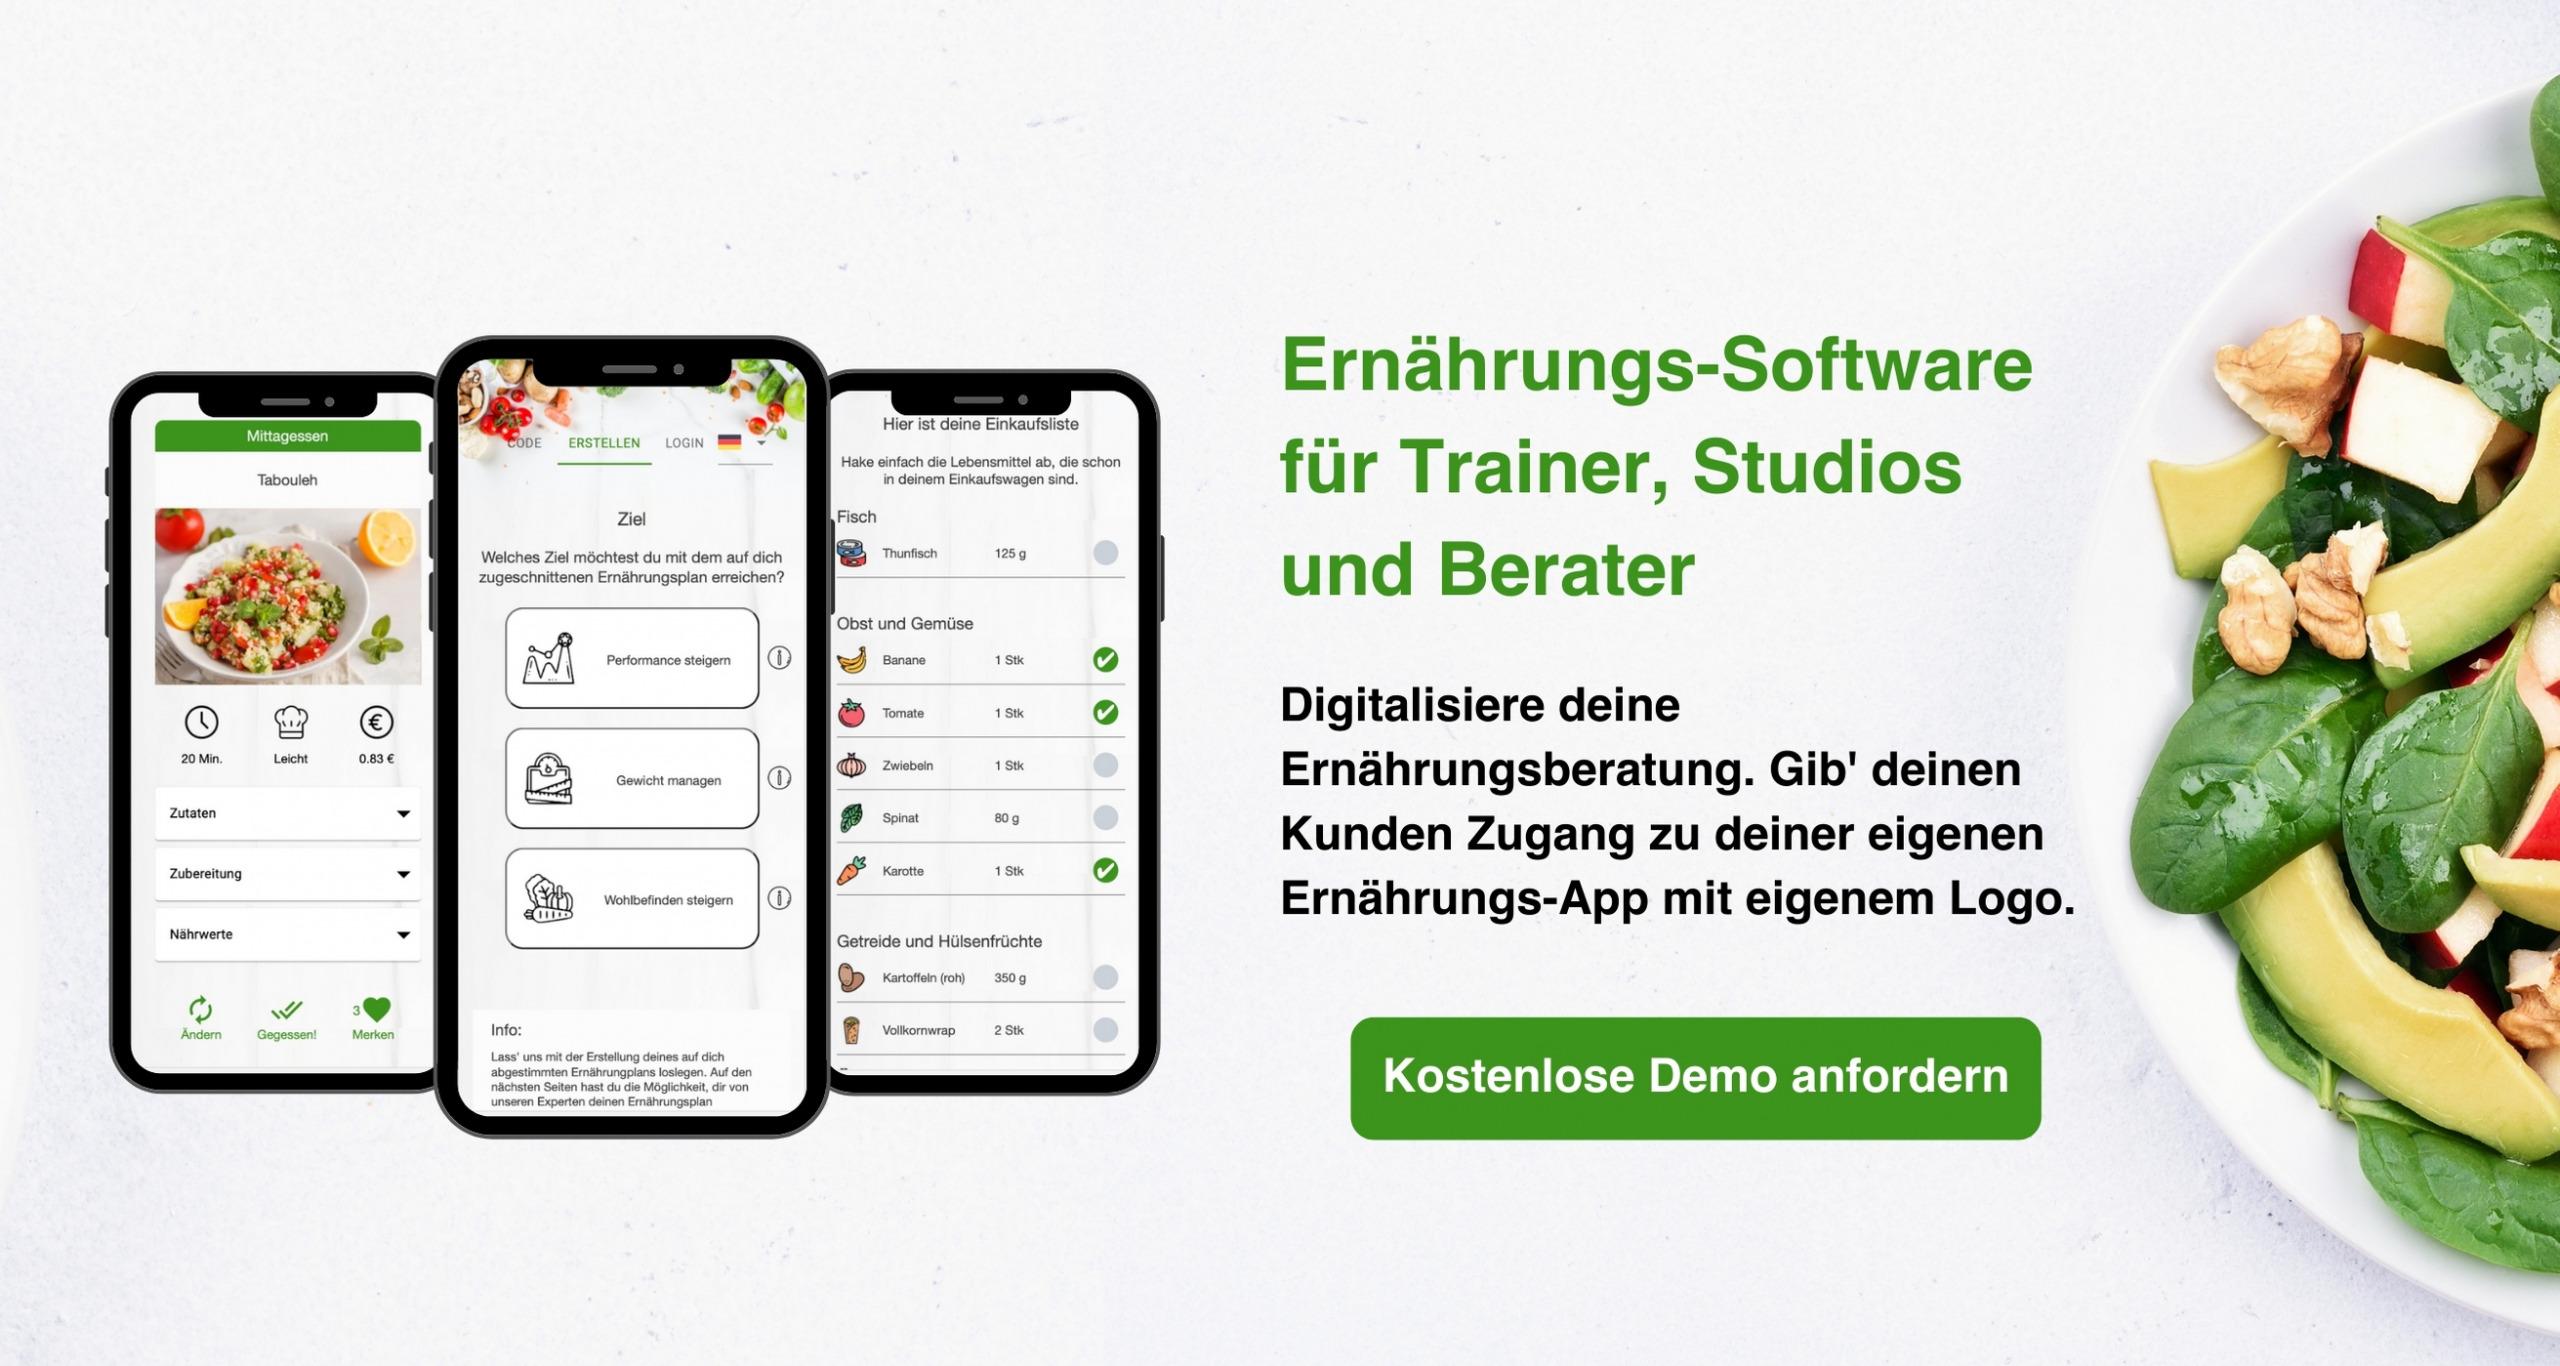 Ernährungsberater-Software per Ernährungs-App - Ernährungspläne erstellen für Personal Trainer, Fitnessstudios, Ernährungsberater mit Natty Gains